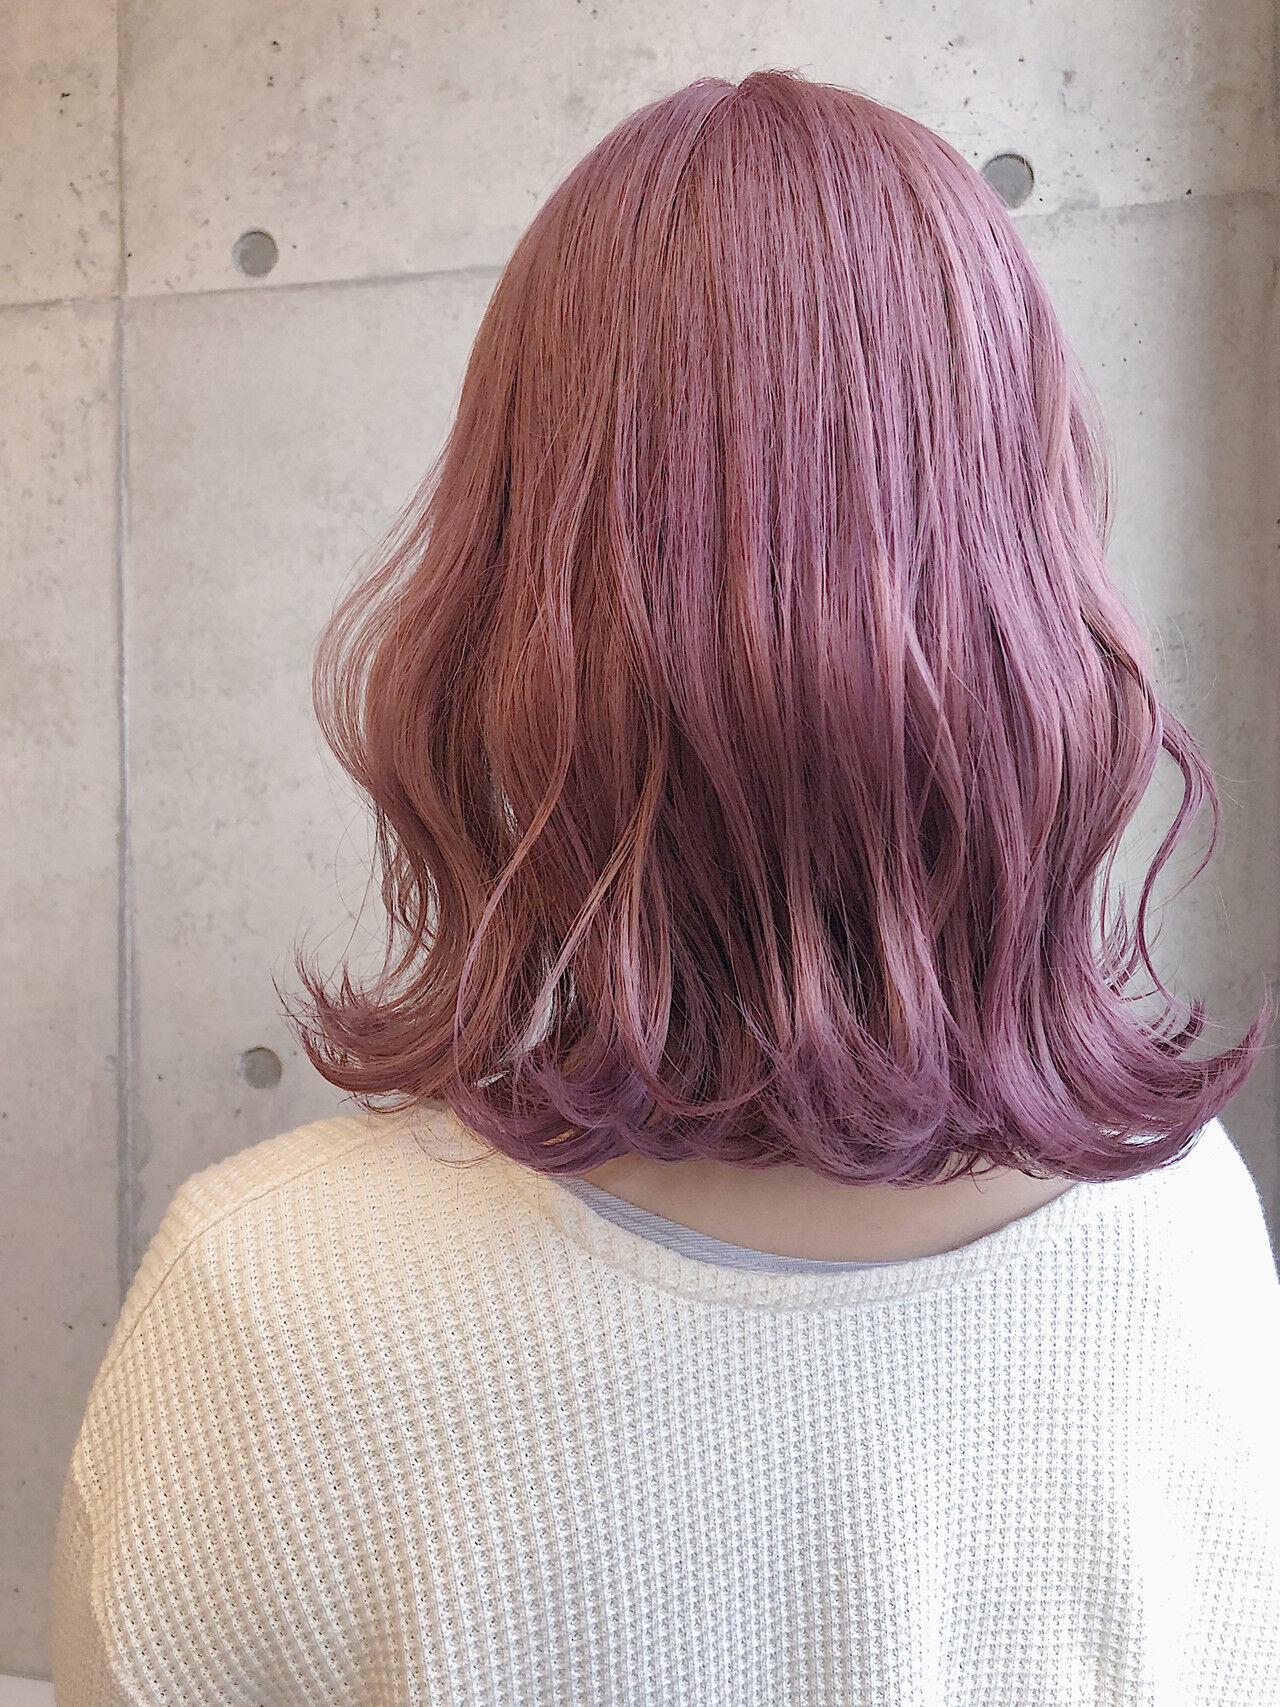 ピンクベージュ ピンクカラー 切りっぱなしボブ ピンクラベンダーヘアスタイルや髪型の写真・画像